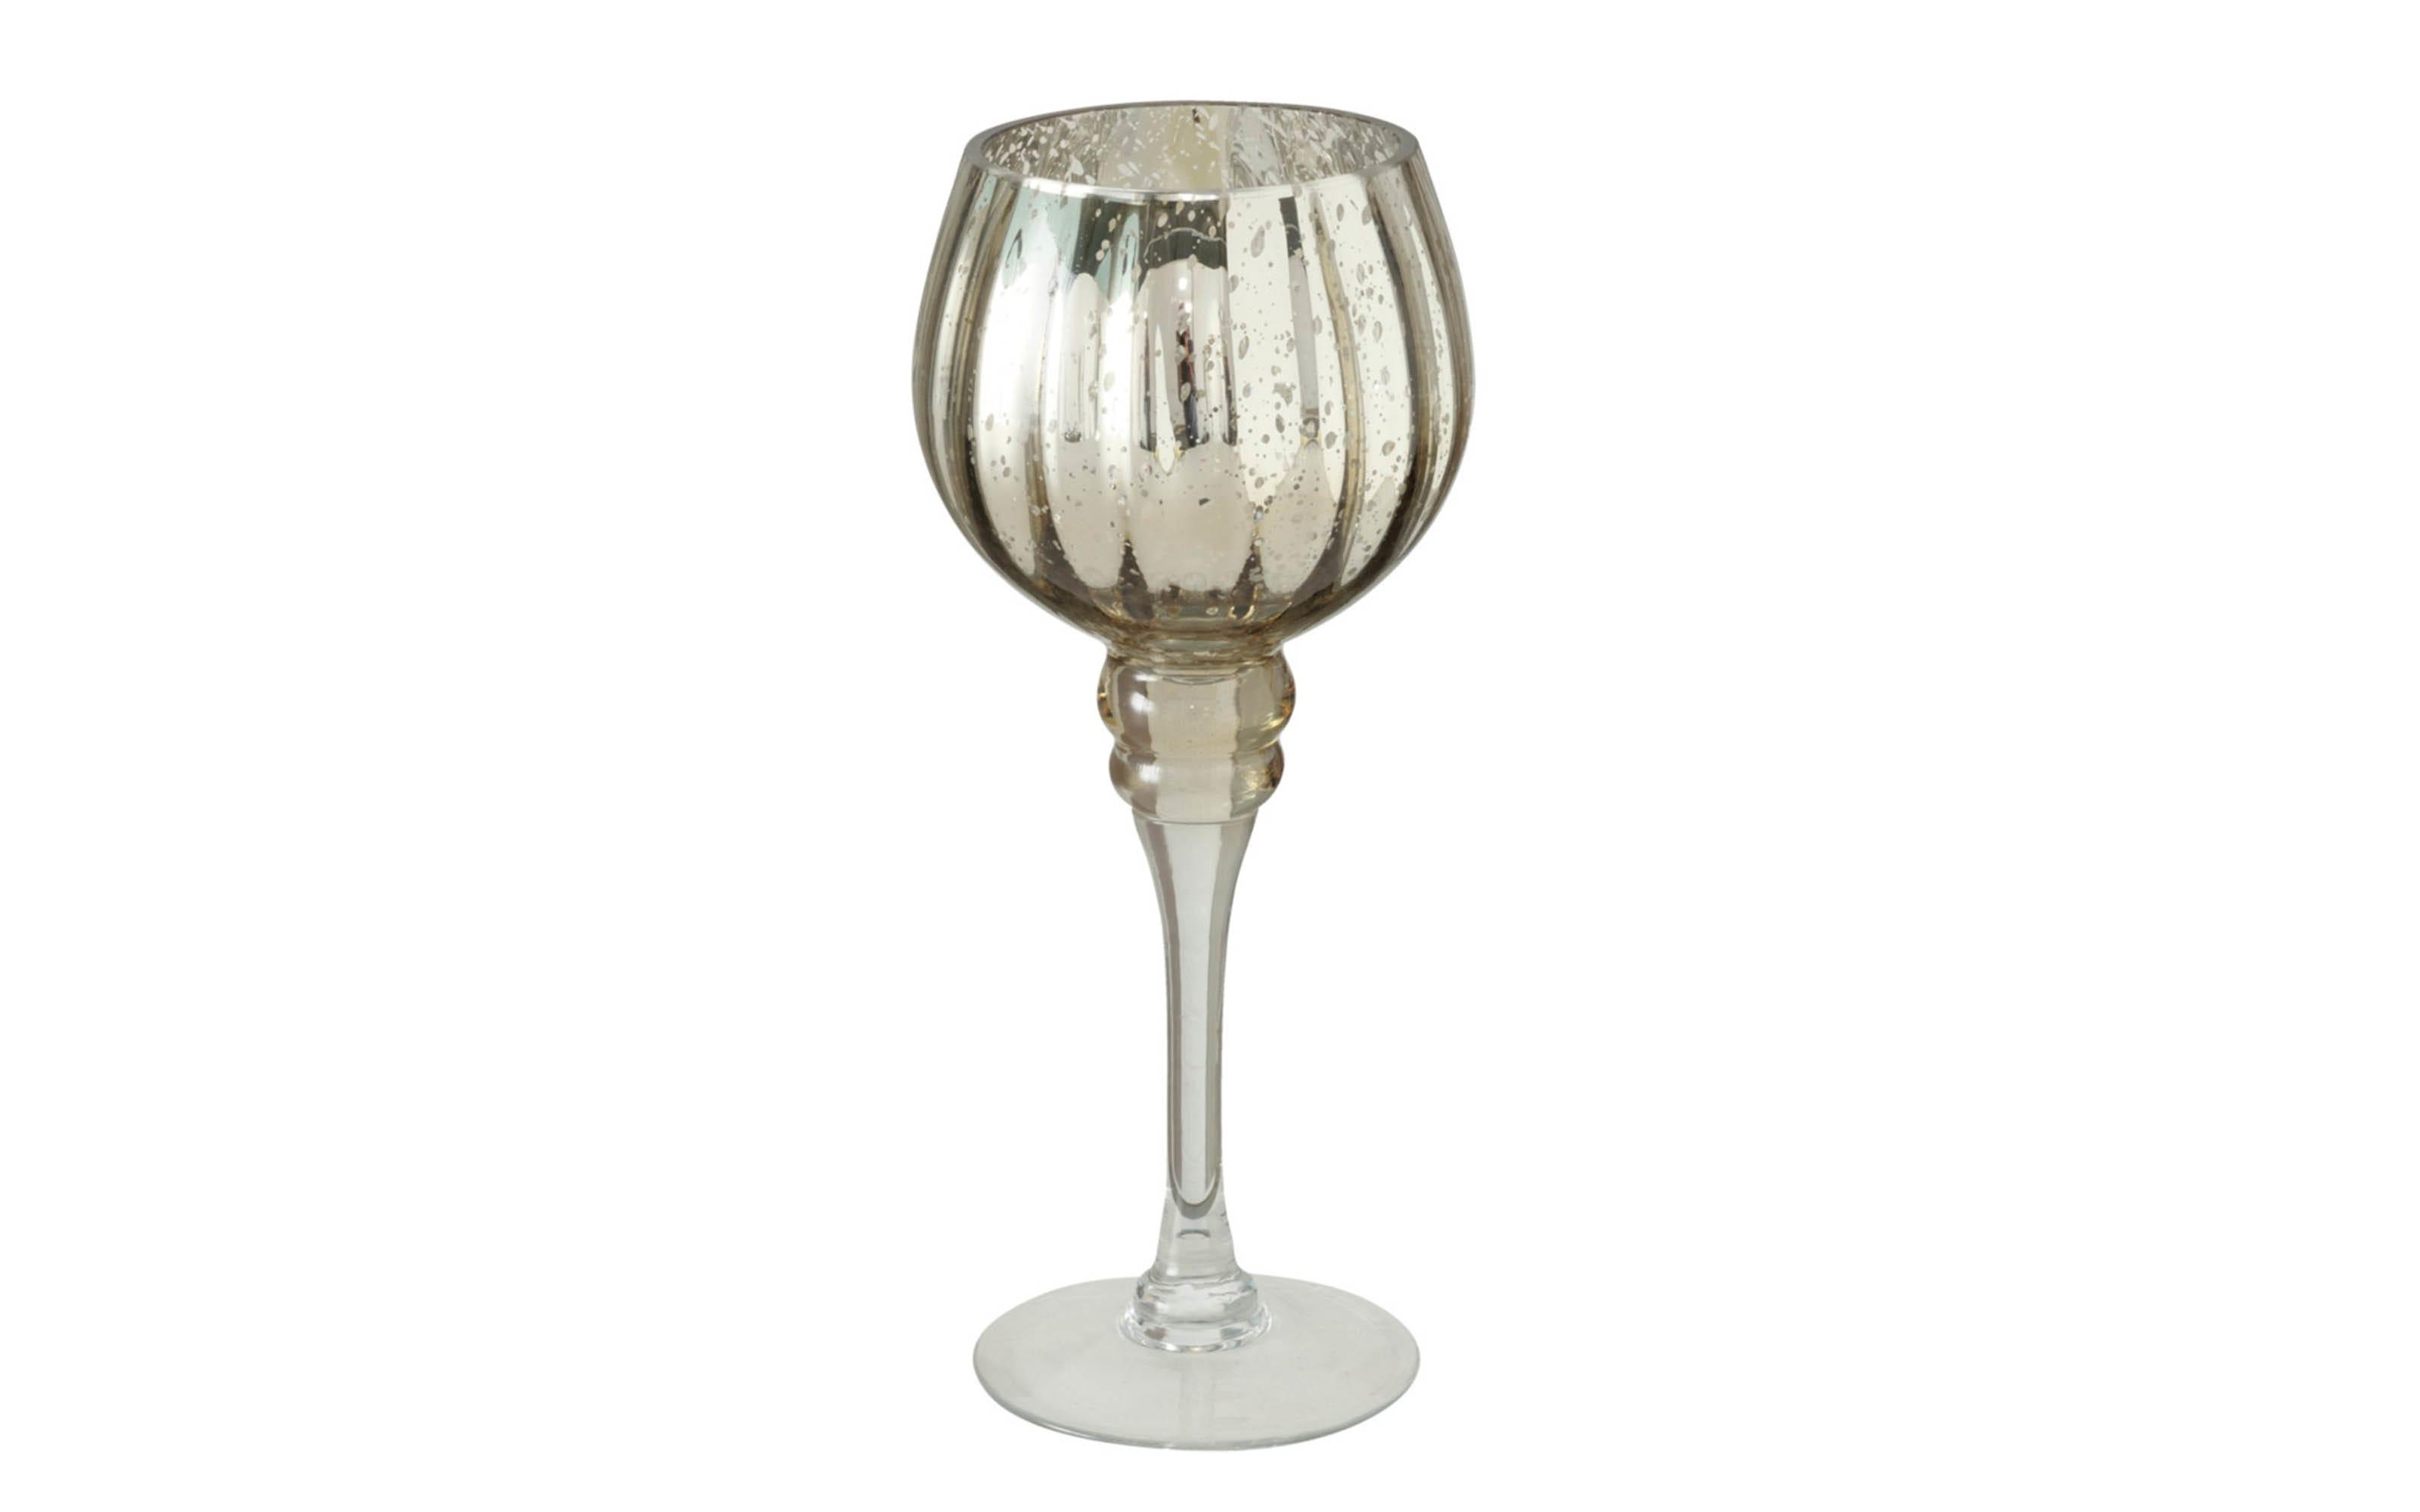 Windlicht Minou aus Glas in champagner lackiert, 30 cm, 2-teilig